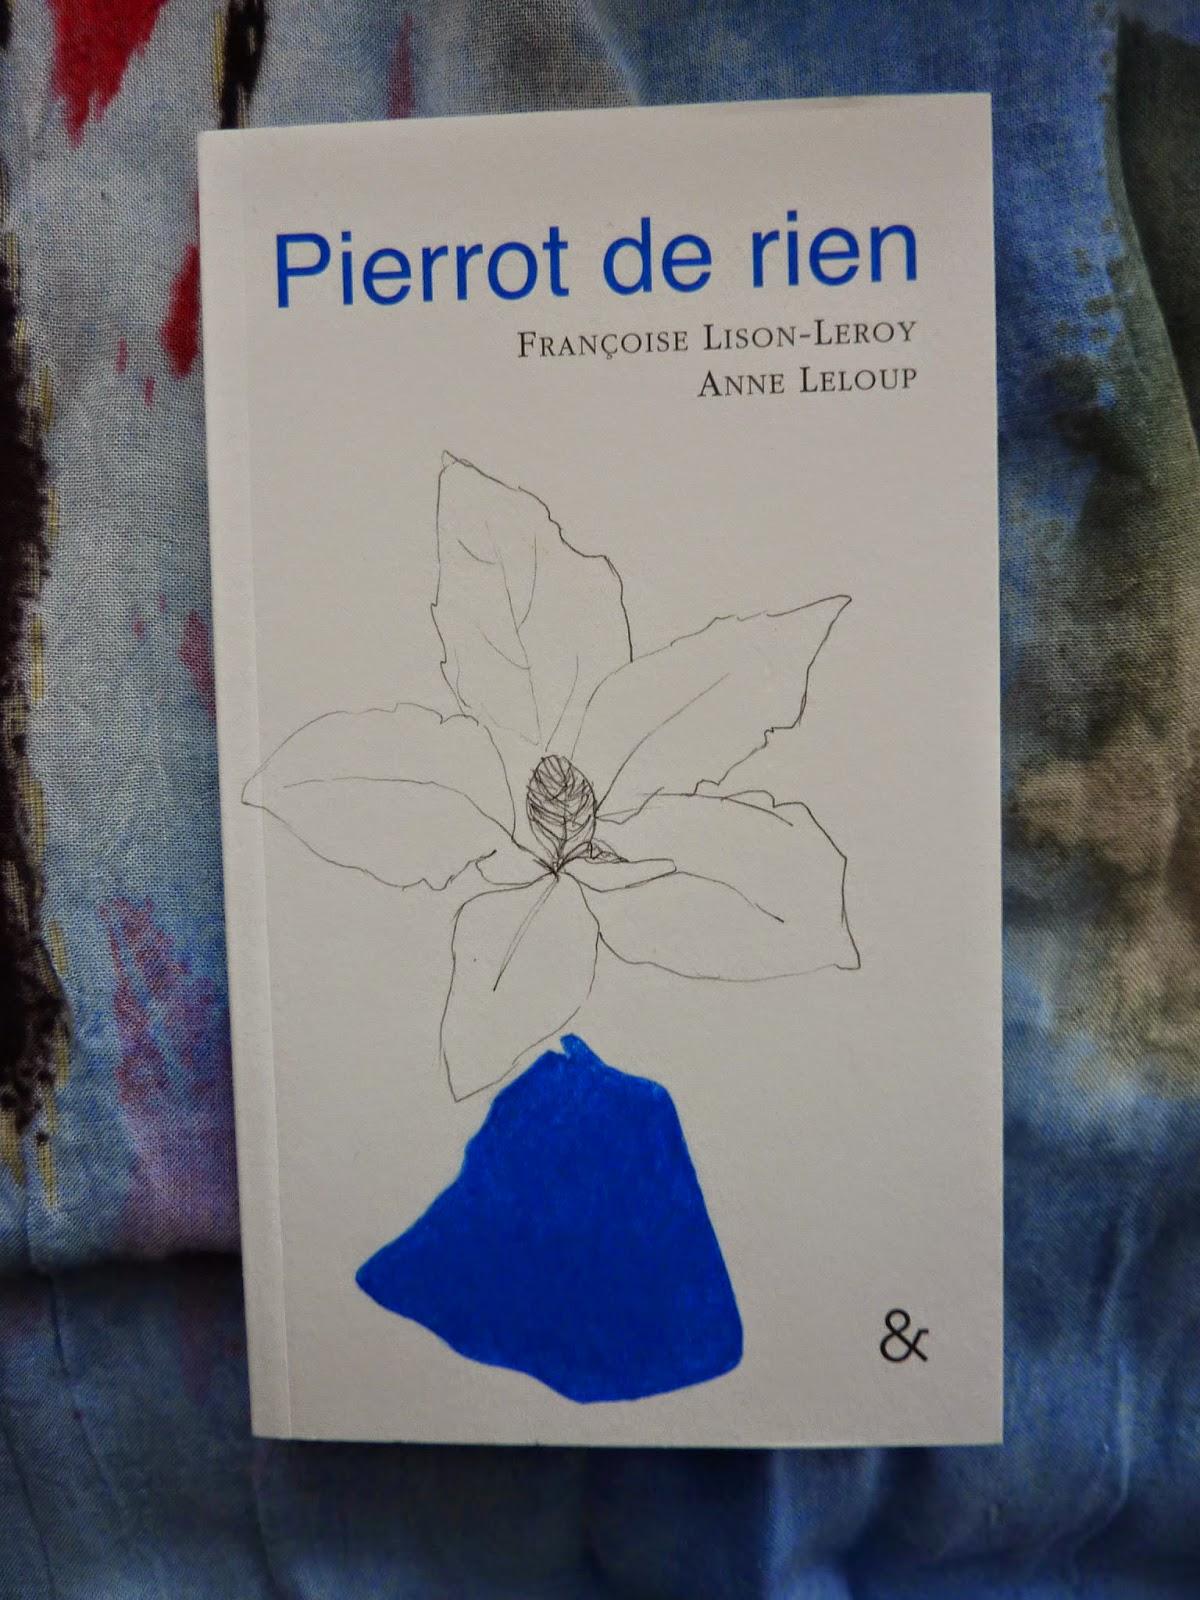 Pierrot de rien - Lison-Leroy et Leloup